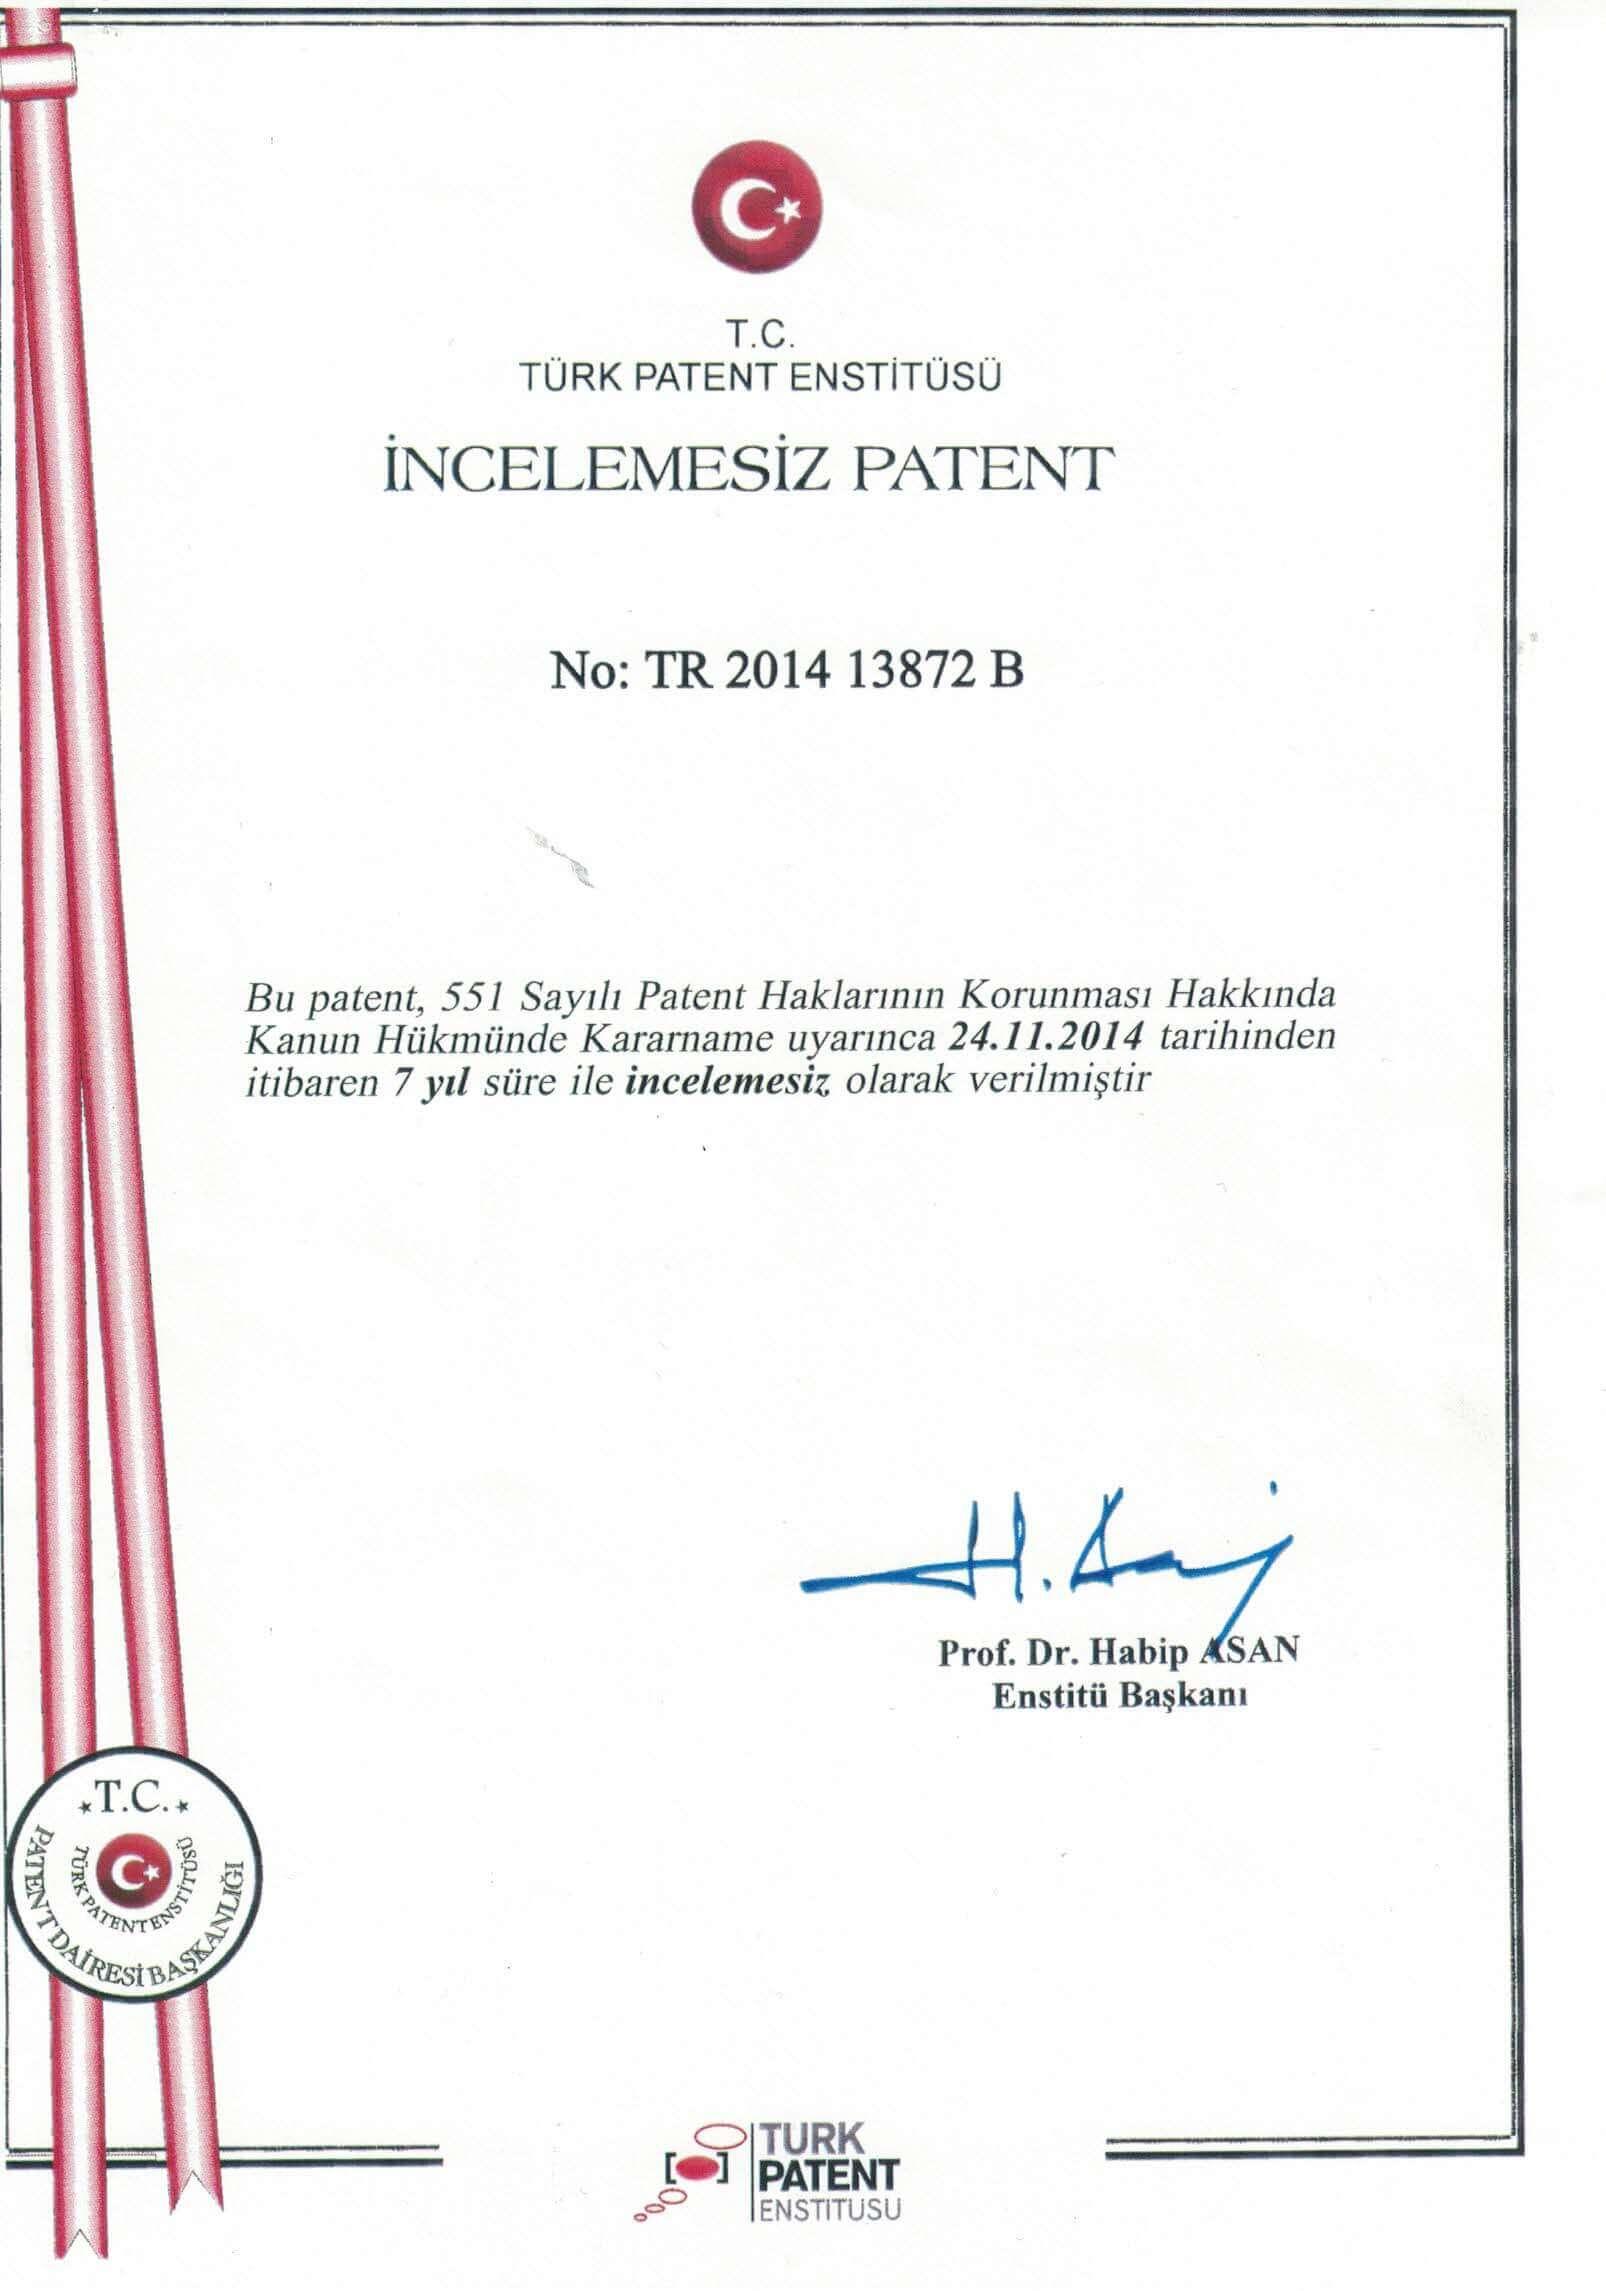 Türk Patent Enstitüsü İncelemesiz Patent Sertifikası 1